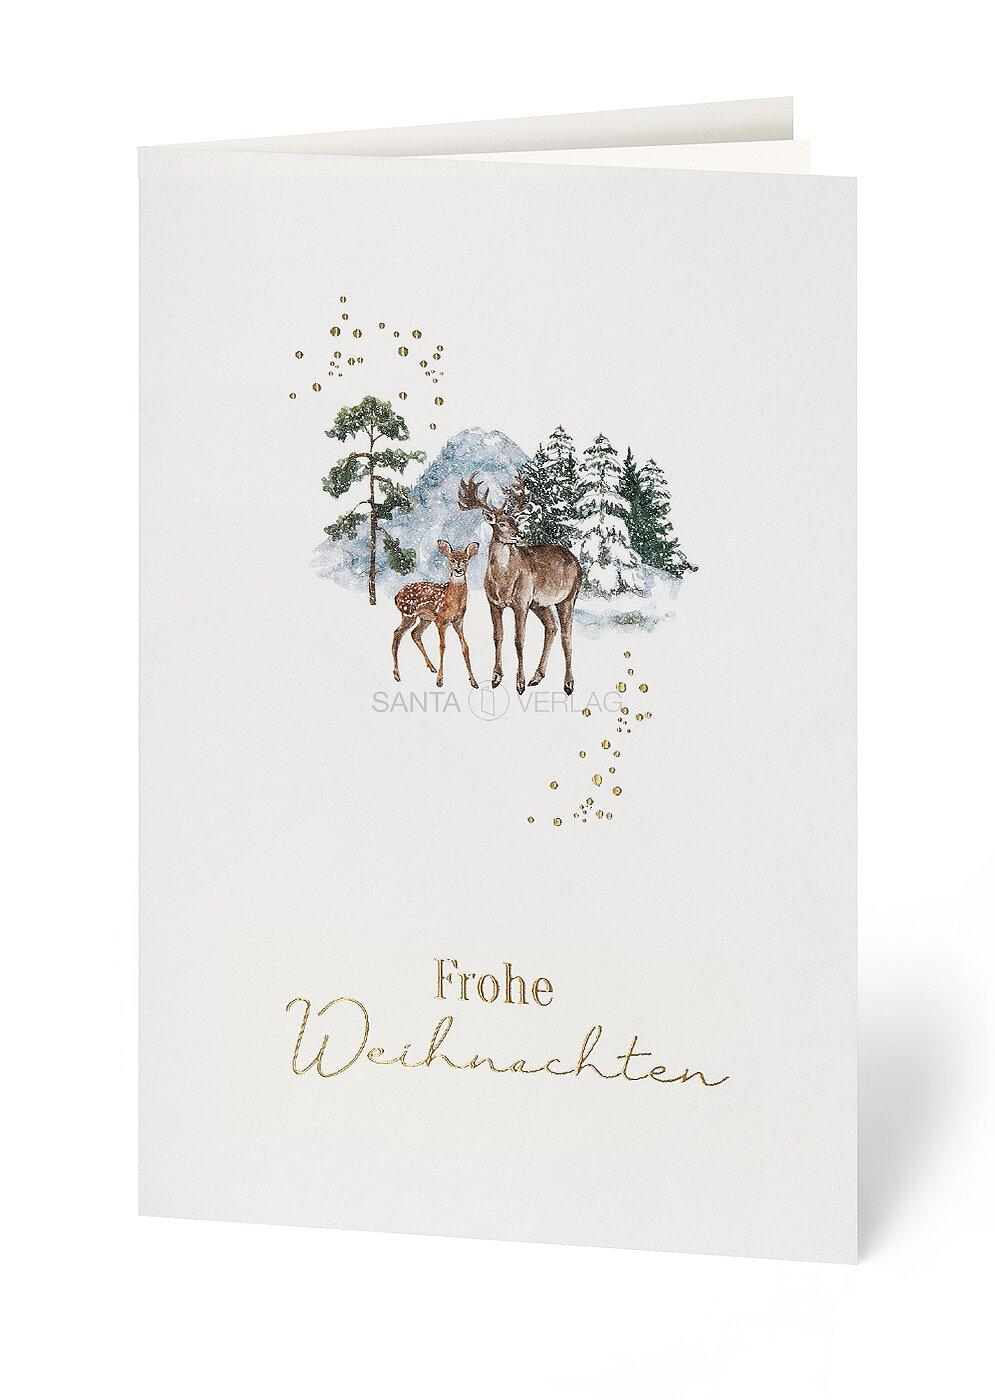 Weihnachtskarten kinderherzstiftung inkl kuvert archiv - Weihnachtskarten shop ...